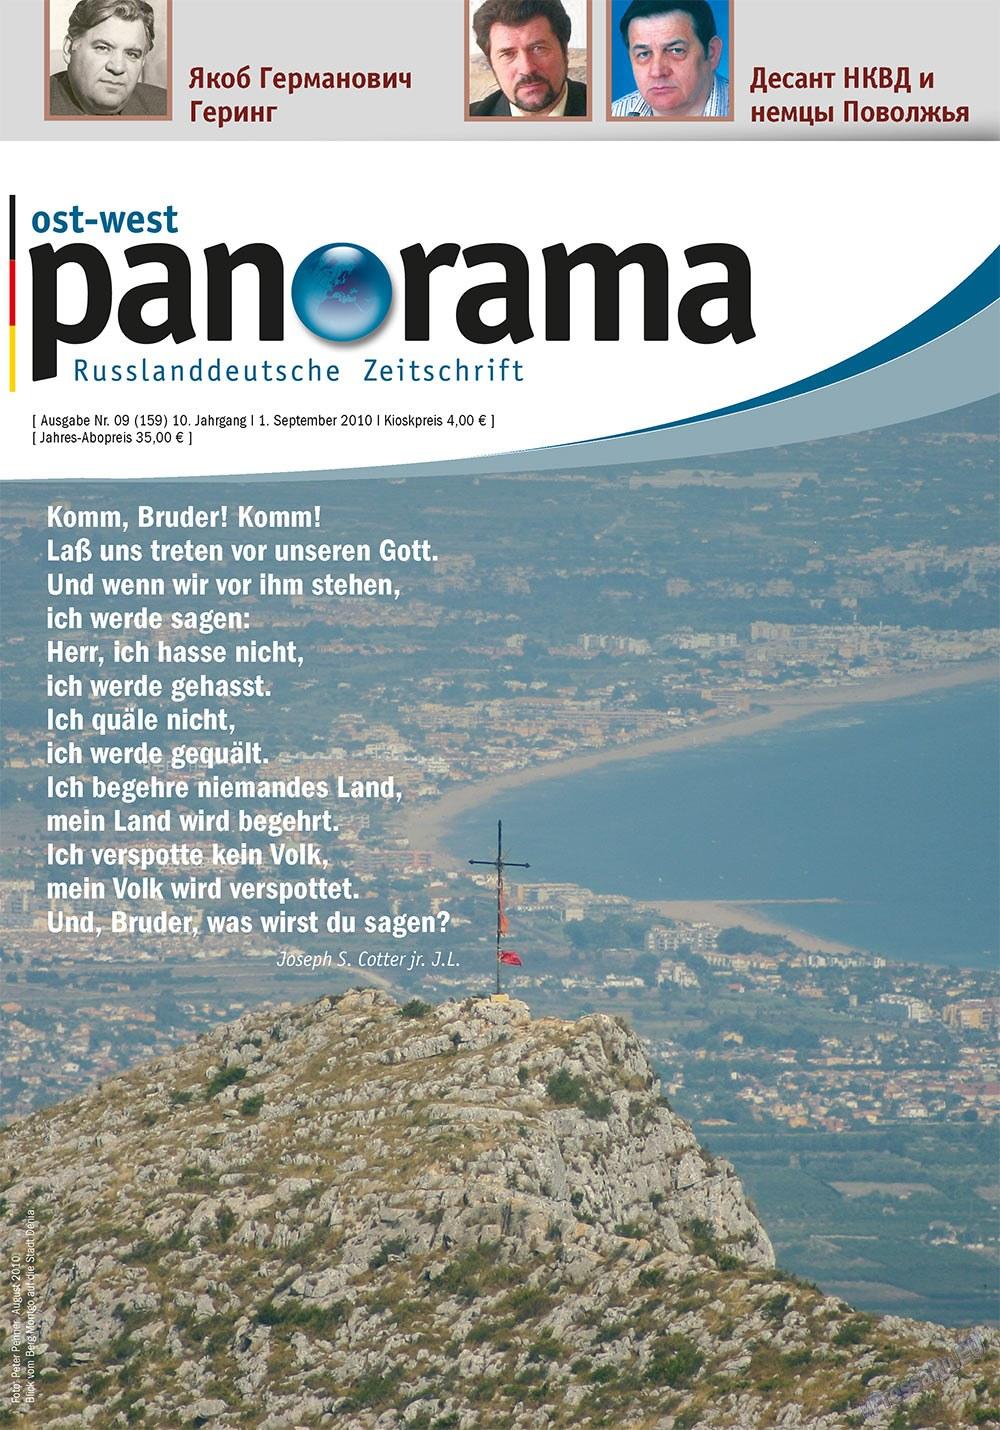 Ost-West Panorama (журнал). 2010 год, номер 9, стр. 1